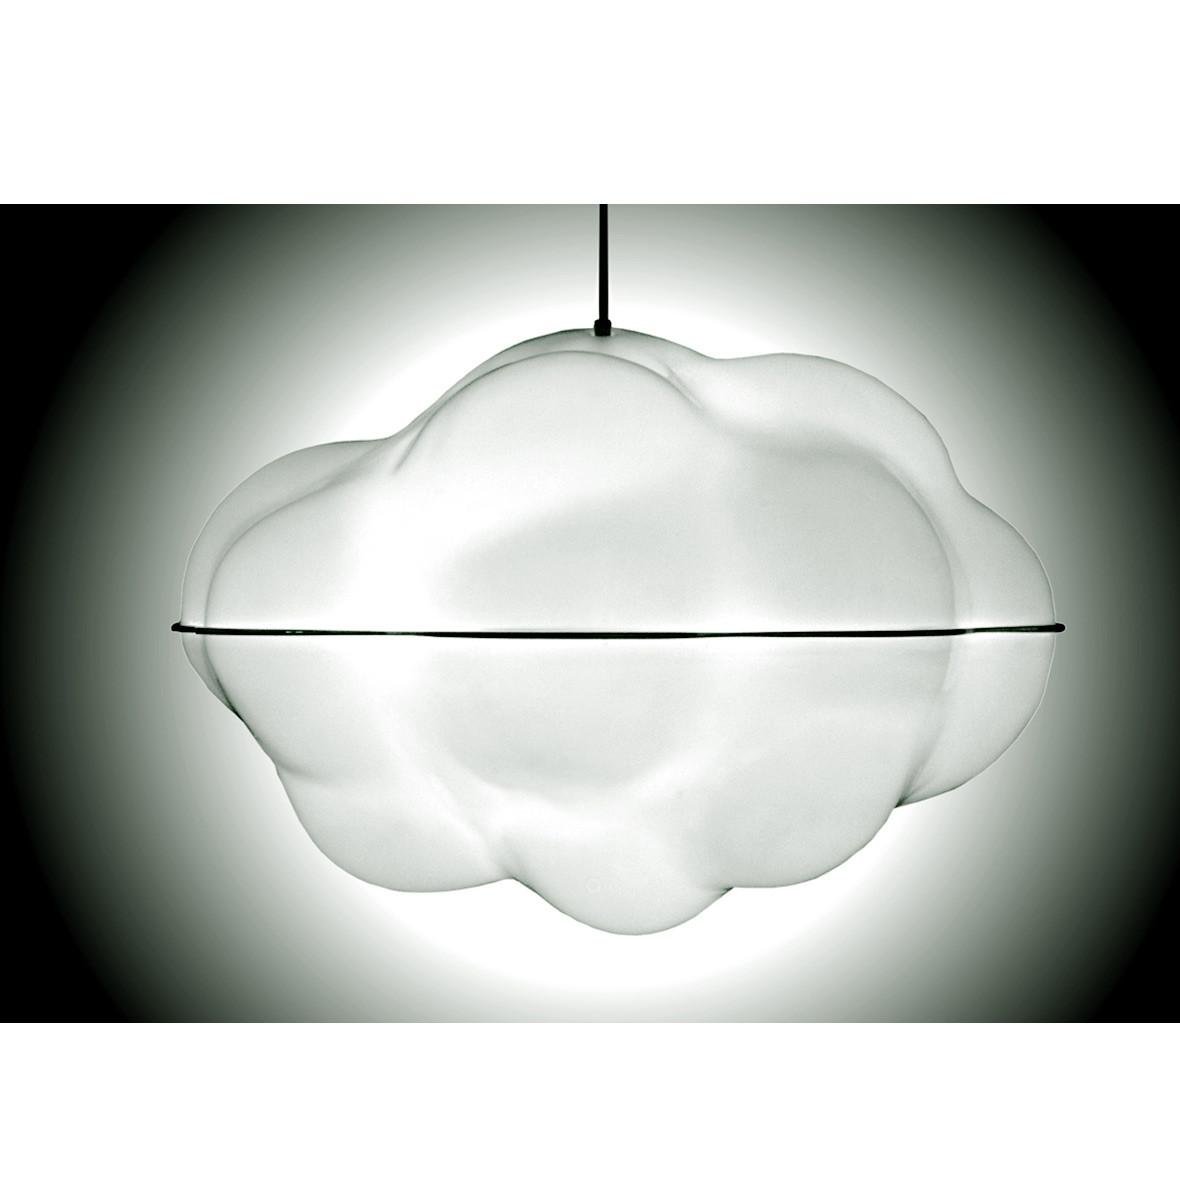 Wolkenlampe Ueli und Susi Berger Design Preis Schweiz